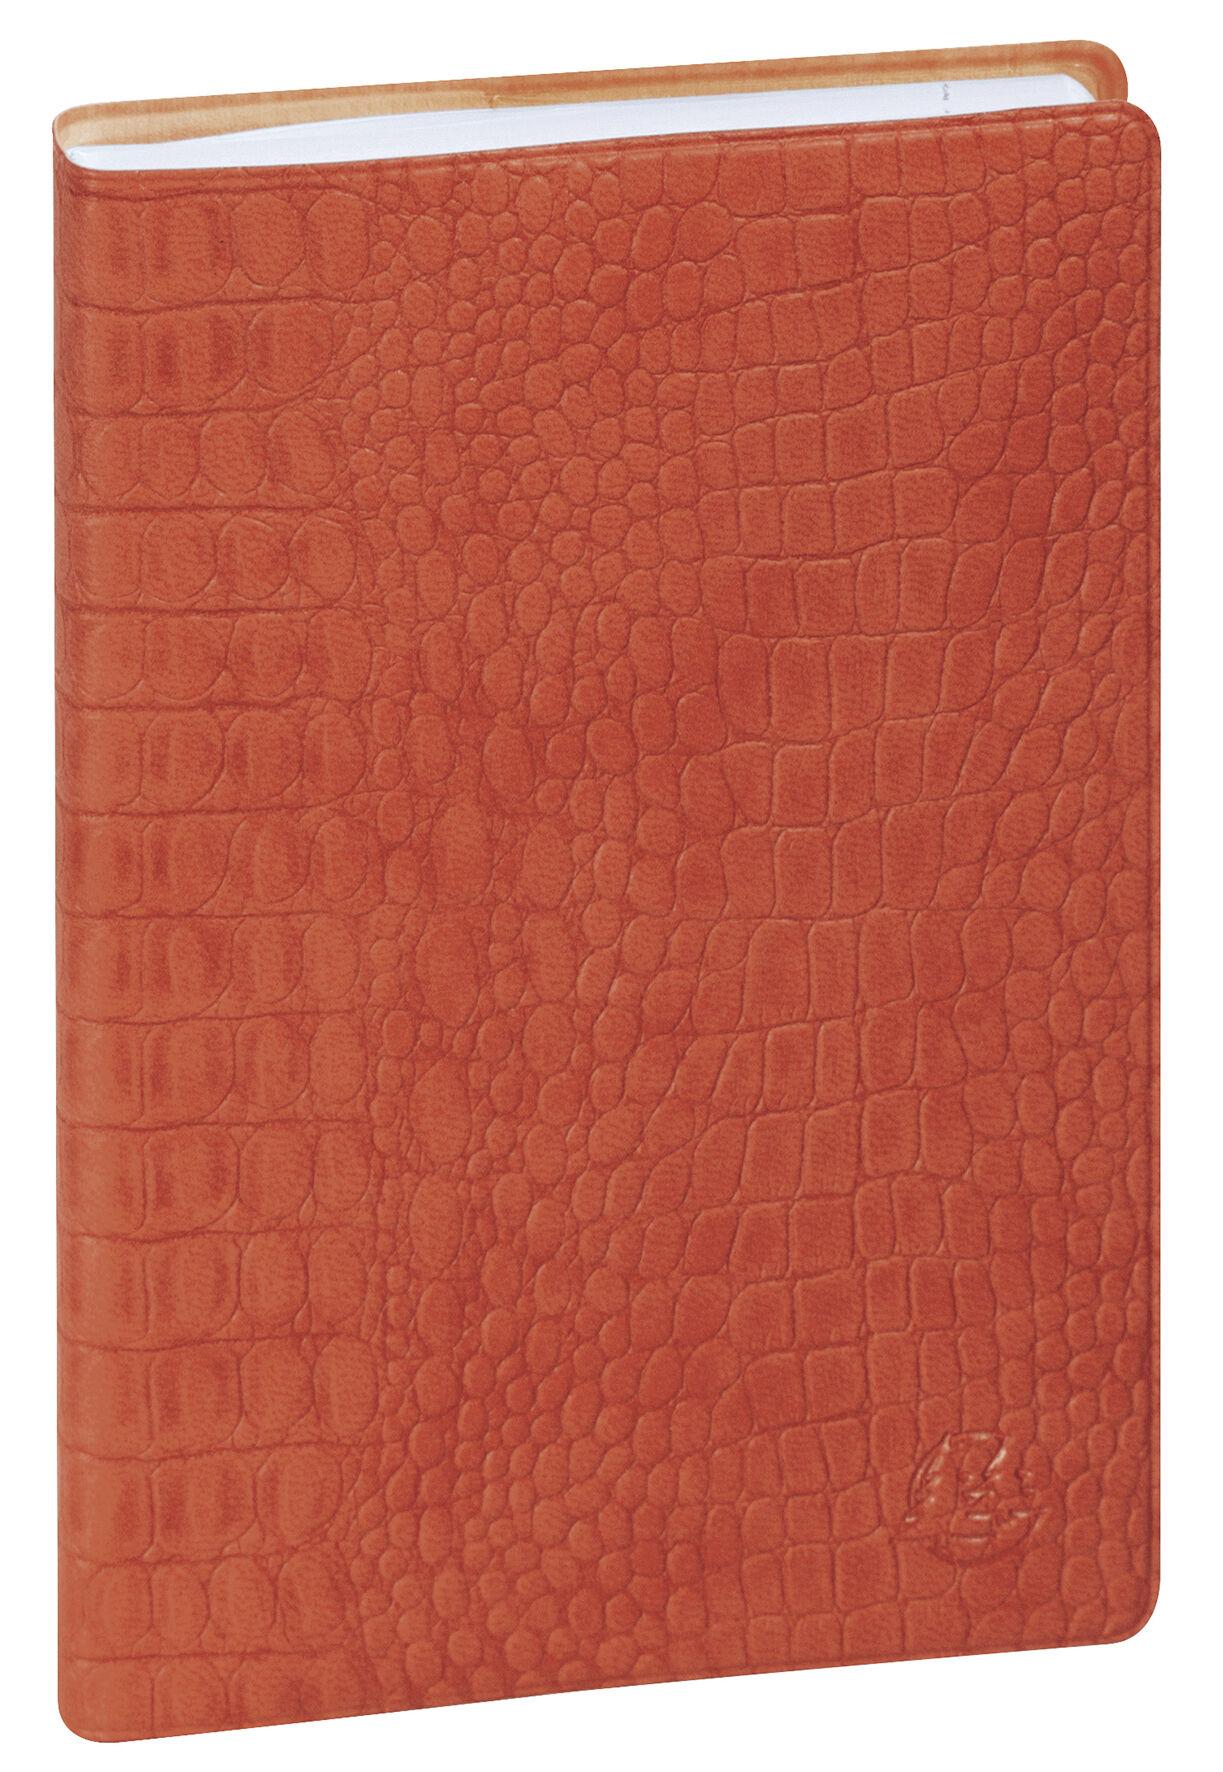 Baby-Croco - Agenda 1 jour par page - 10 x 15 cm - disponible dans différentes couleurs - Exacompta